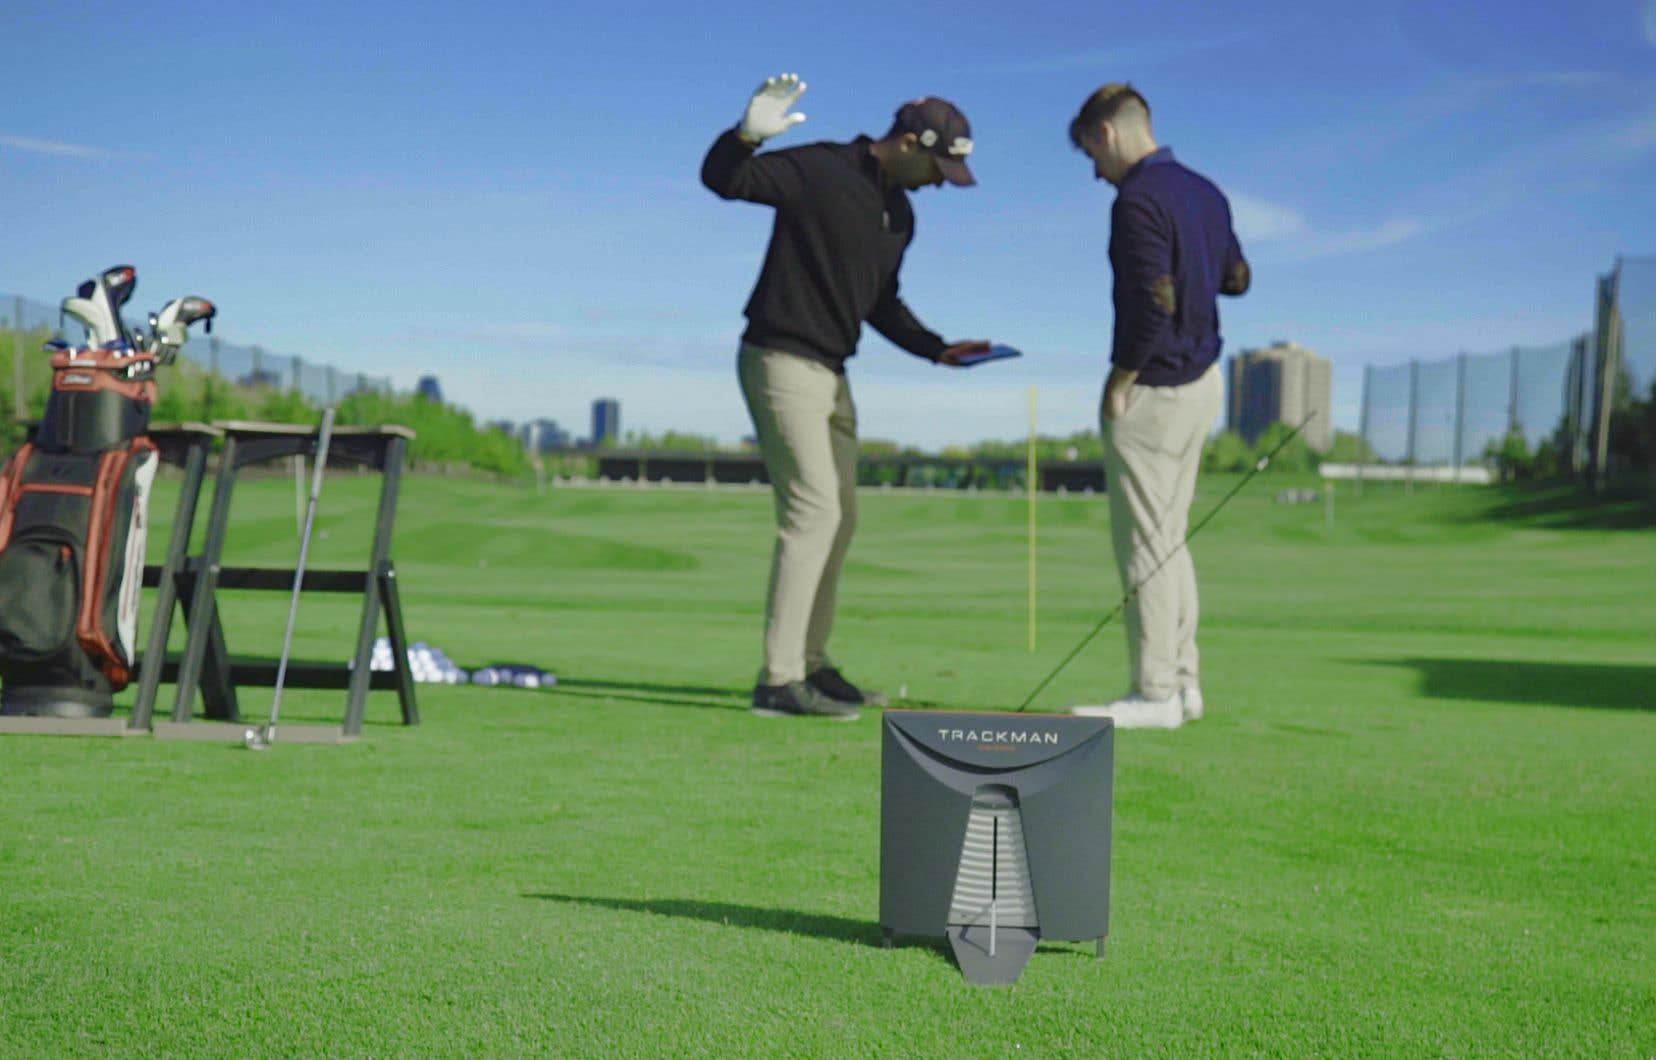 Golf Exécutif Montréal a voulu attirer de nouveaux golfeurs, en mettant à leur disposition des installations et des leçons qui leur permettront de découvrir ce sport, tout en s'amusant.